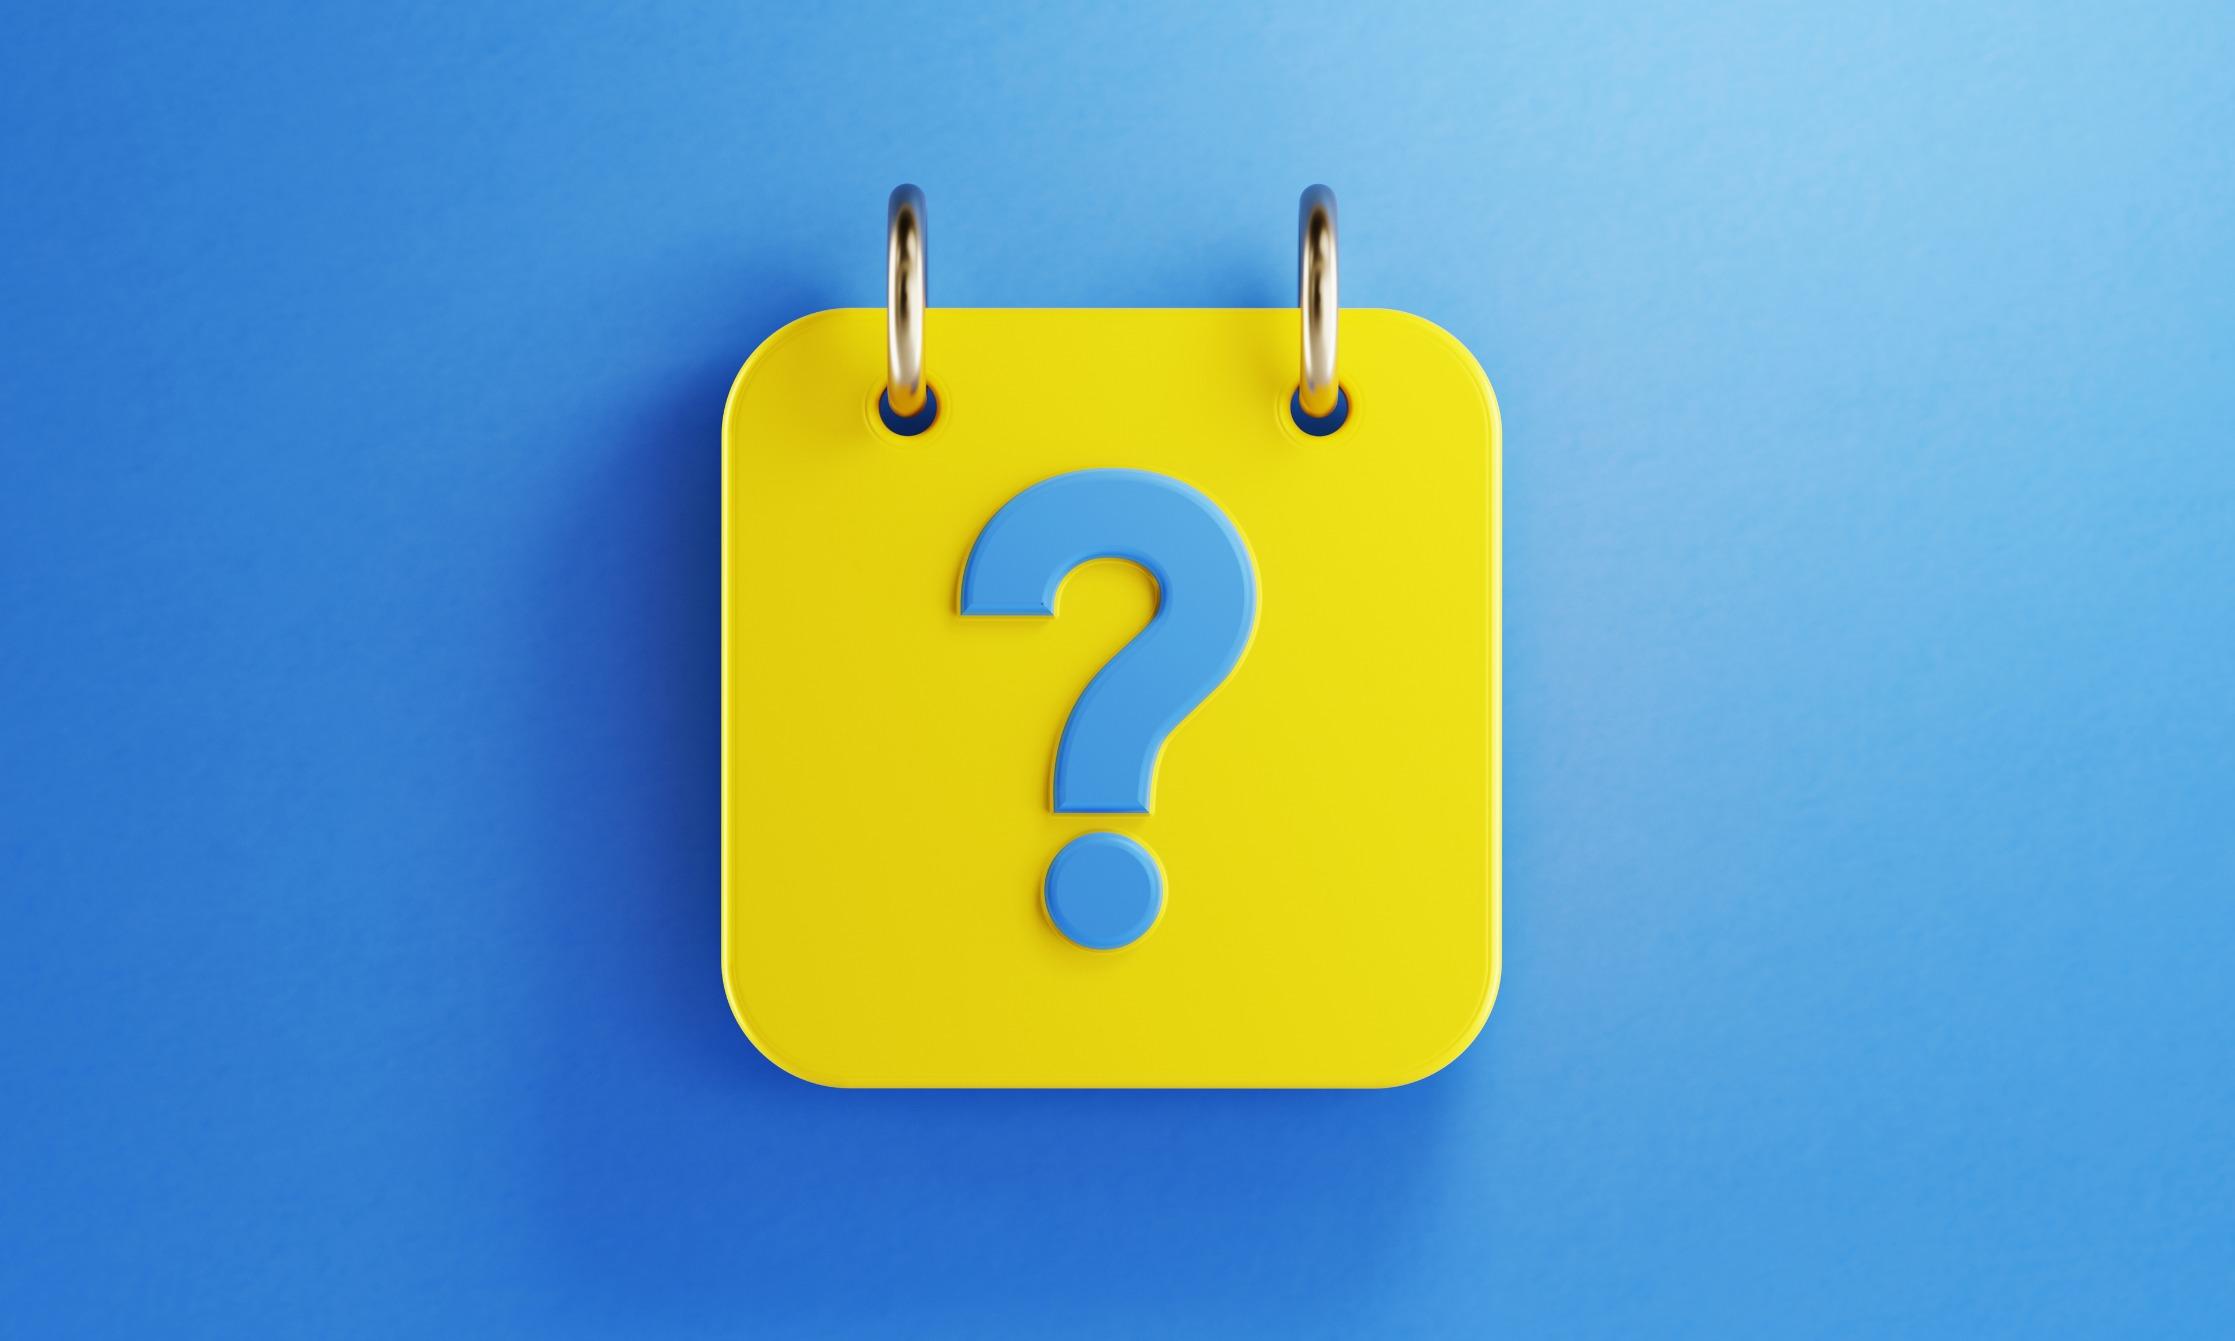 https://cdn2.hubspot.net/hubfs/6265206/assets/images/yellow-calendar-with-blue-question-mark-on-blue-background-picture-id1172234228.jpg